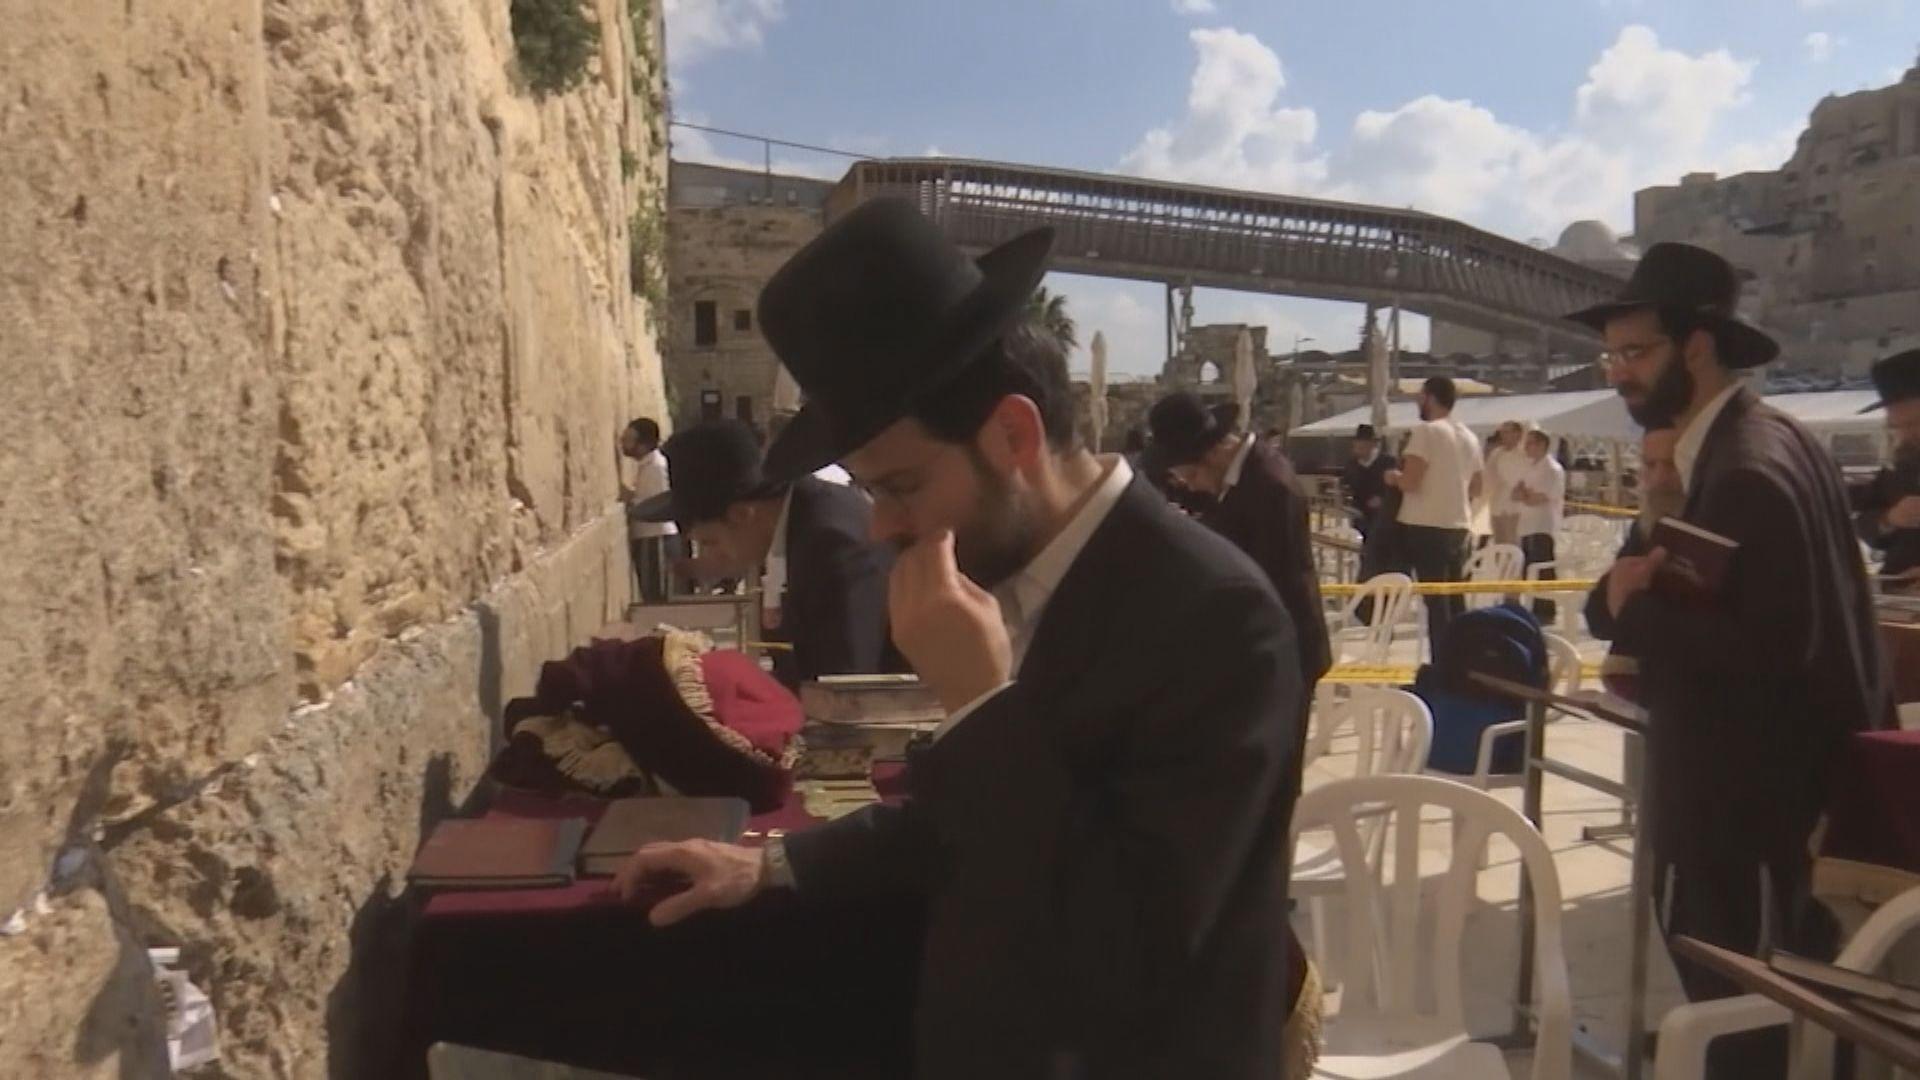 以色列近三百宗確診 禁民眾親吻哭牆石頭